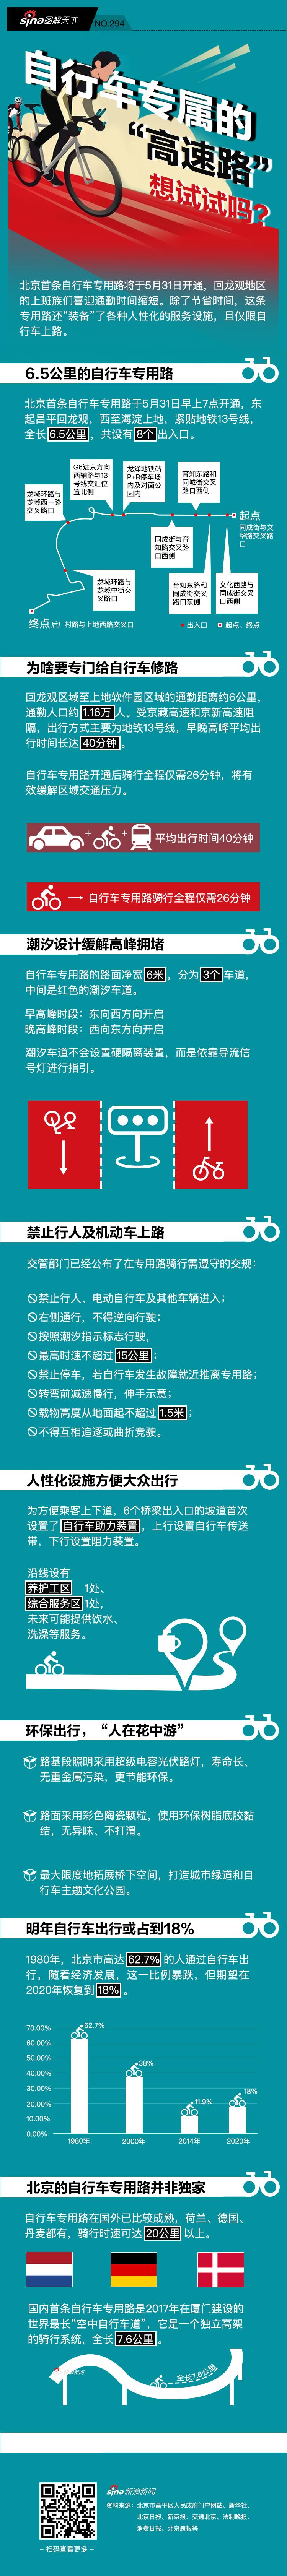 """北京有了自行车专属的""""高速路"""",想试试吗?丨新浪大发彩票—大发时时彩到晚上几点图解天下"""